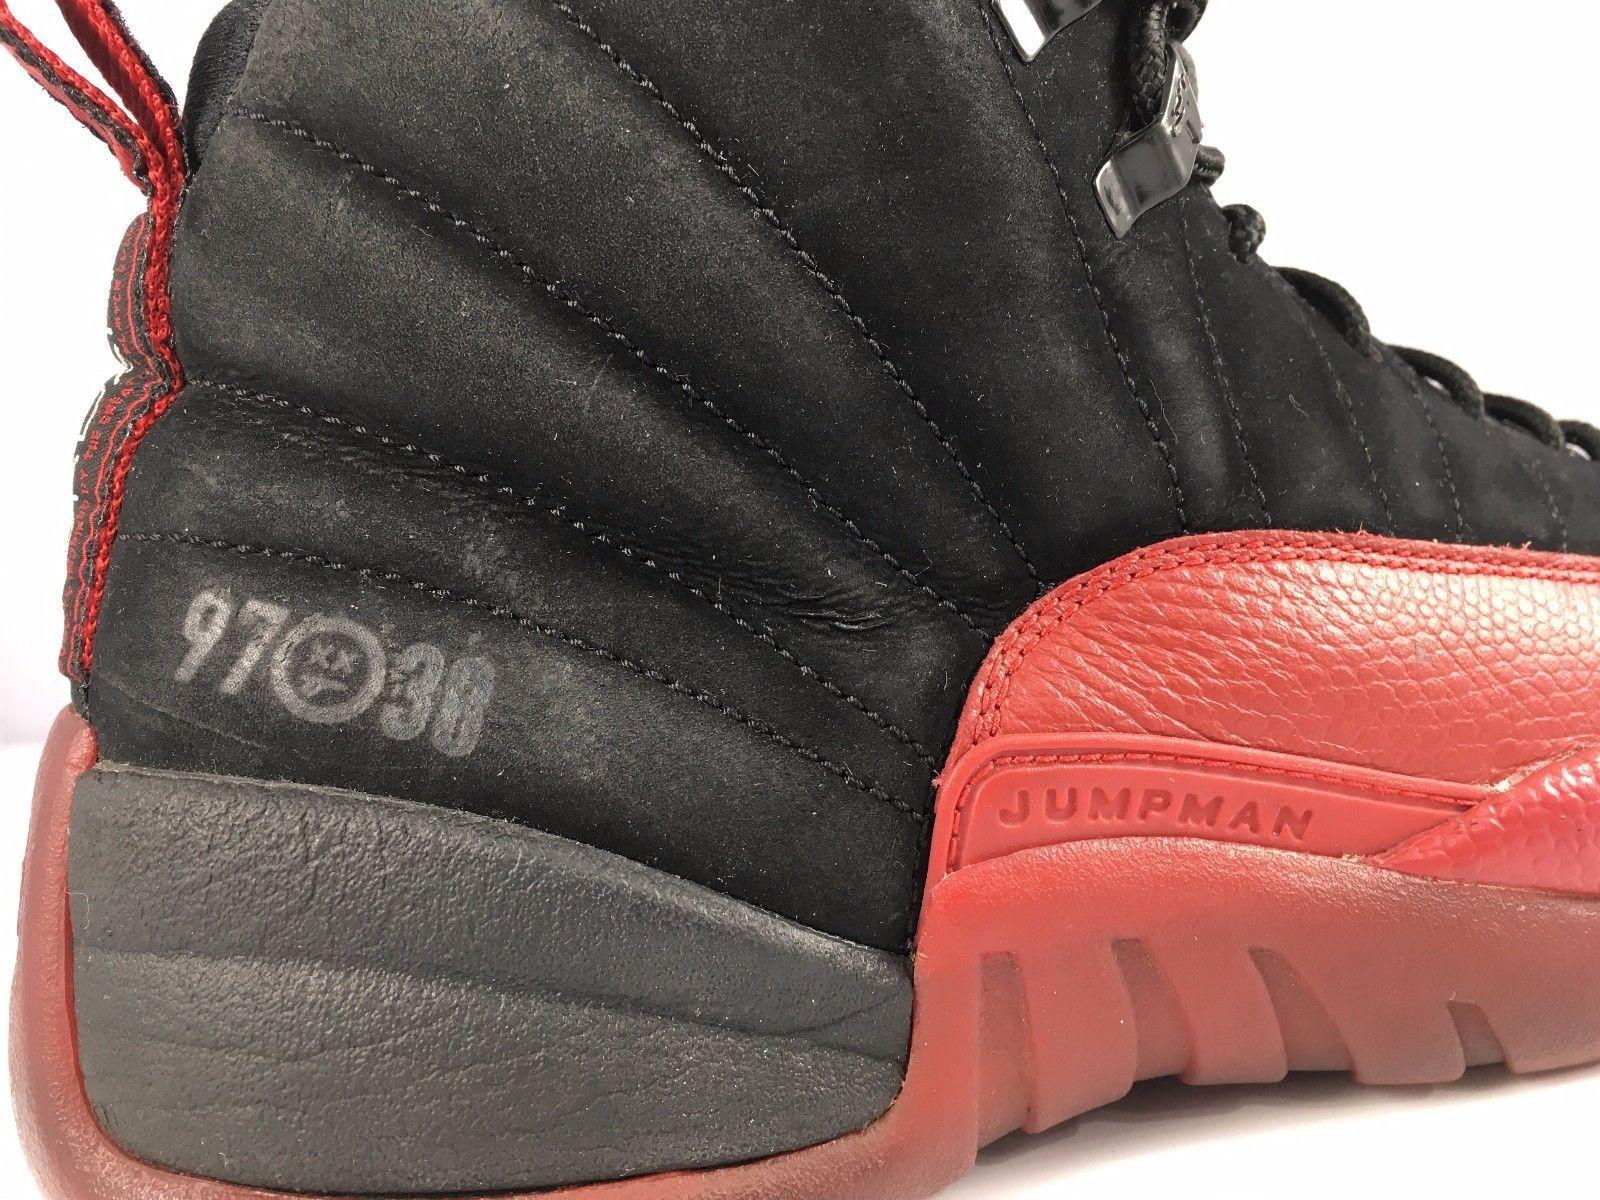 769d7cf02 ... Men s Nike Air Jordan XII 12